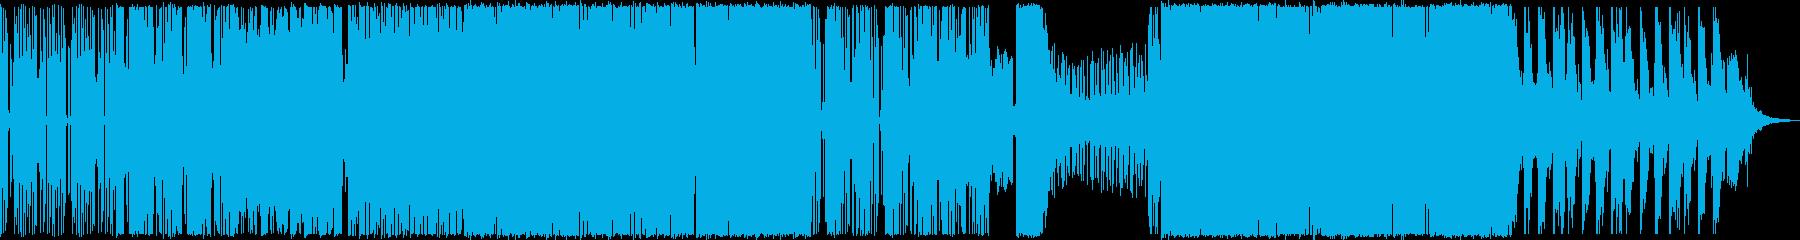 ダークなイメージのEDMの再生済みの波形